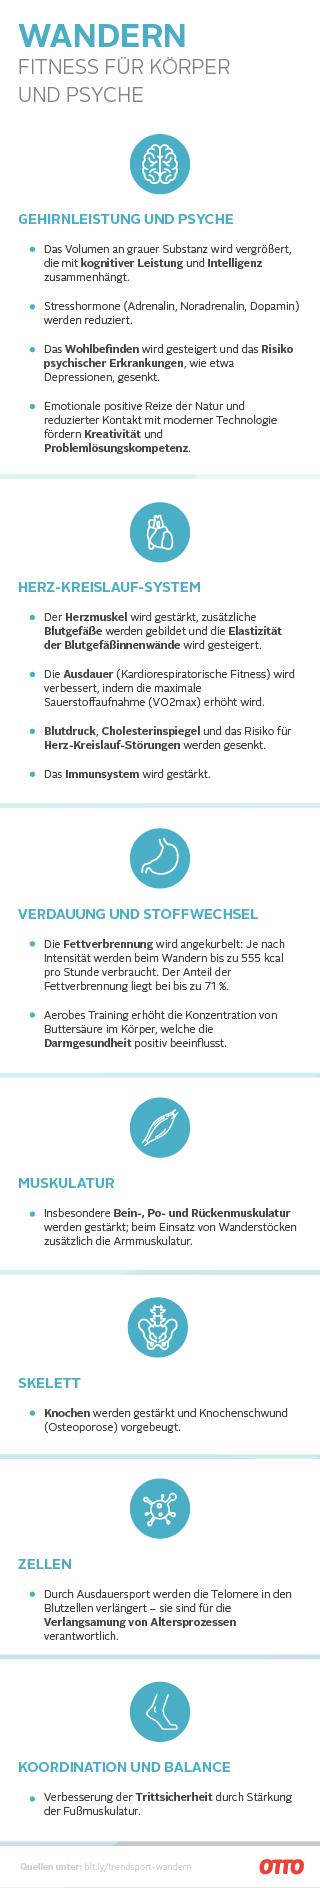 Ottoversand Infografik: Wandern - Fitness für Körper und Psyche